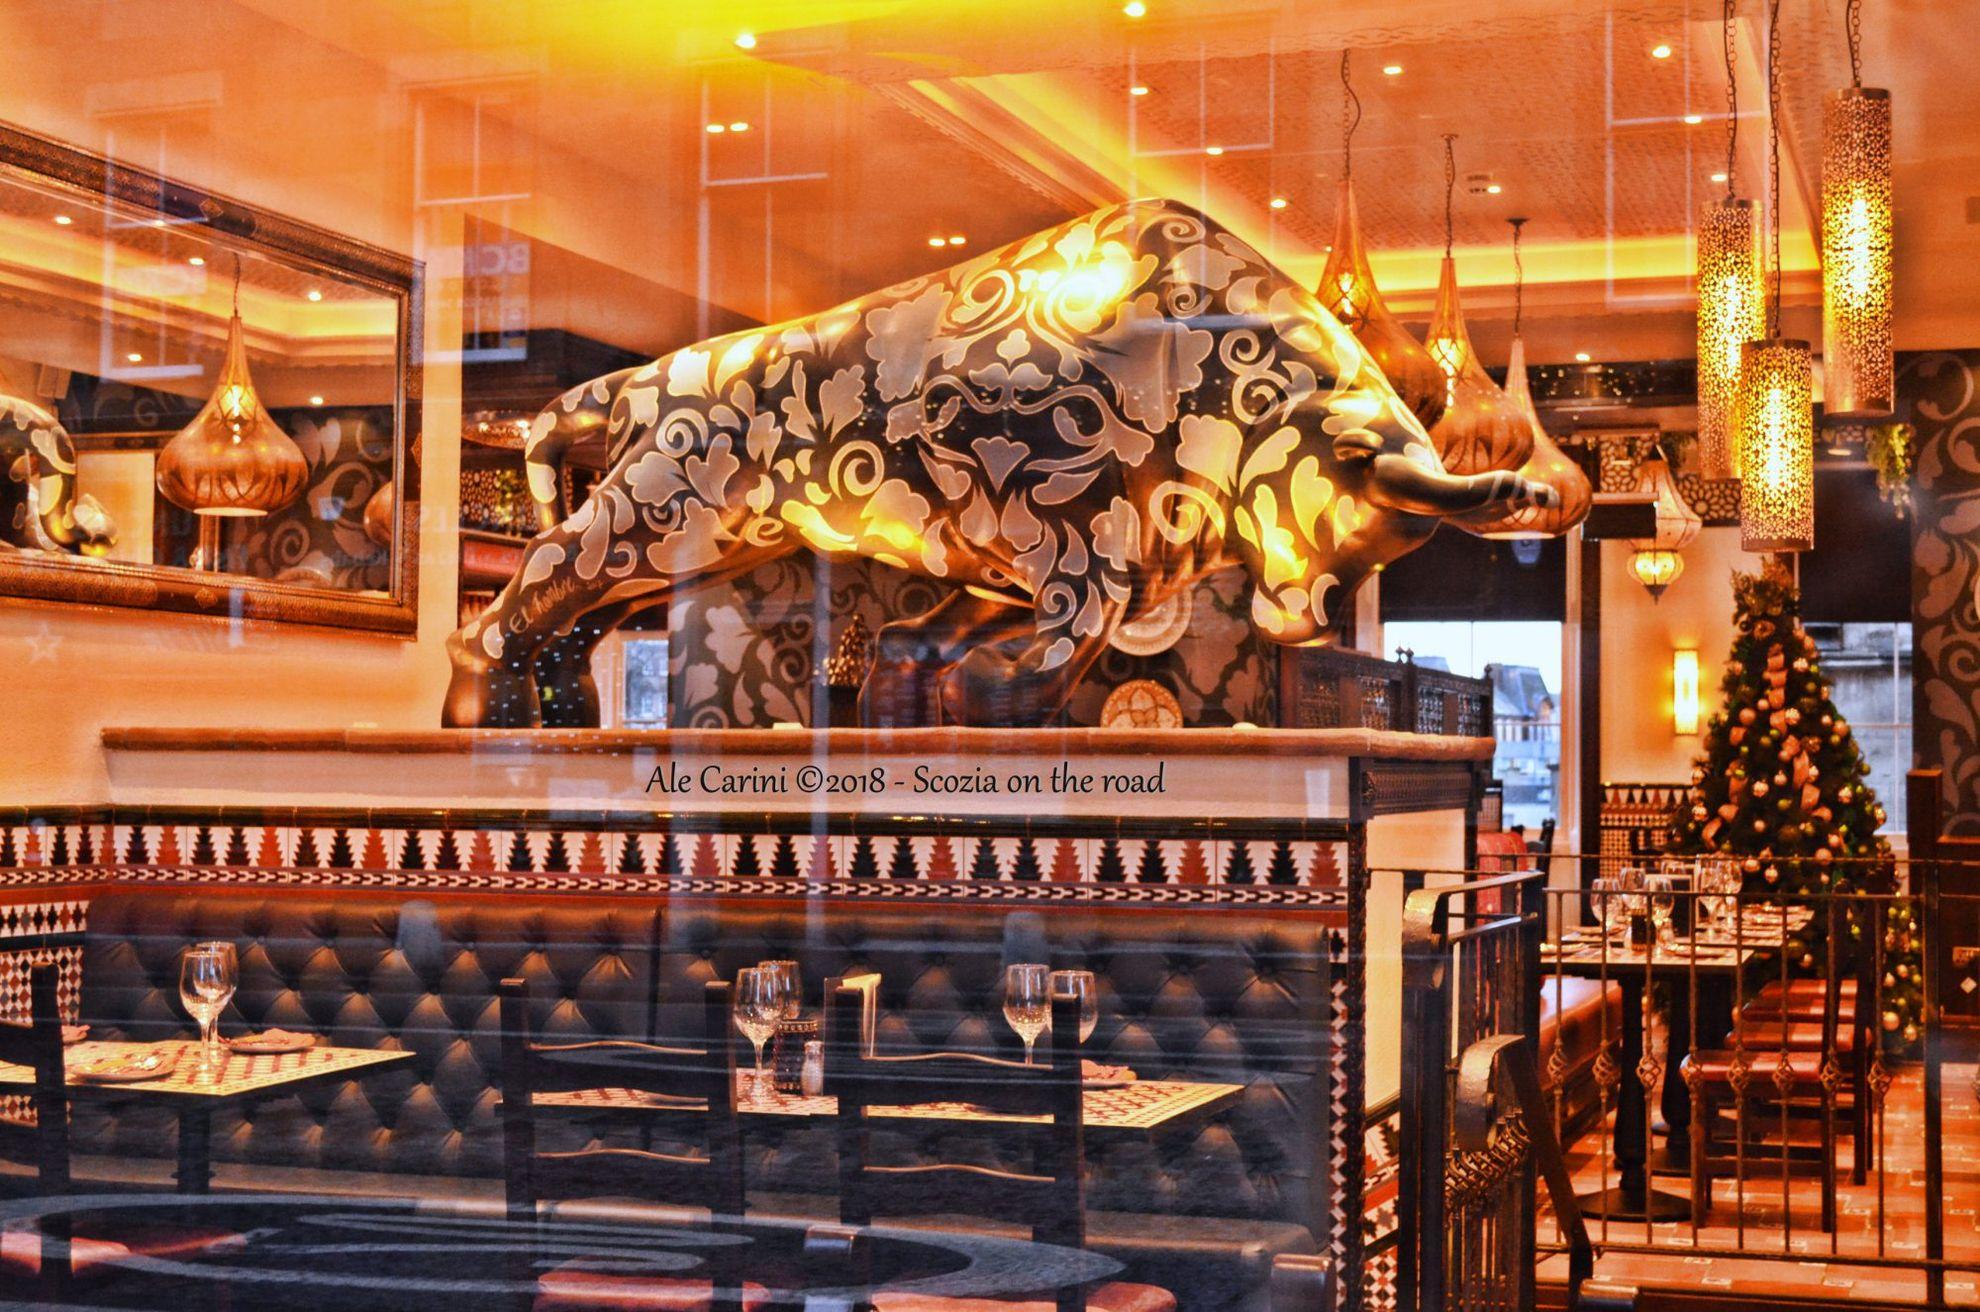 cafè andaluz, Mangiare ad Edimburgo: mini guida sui posti più particolari (2 Parte)